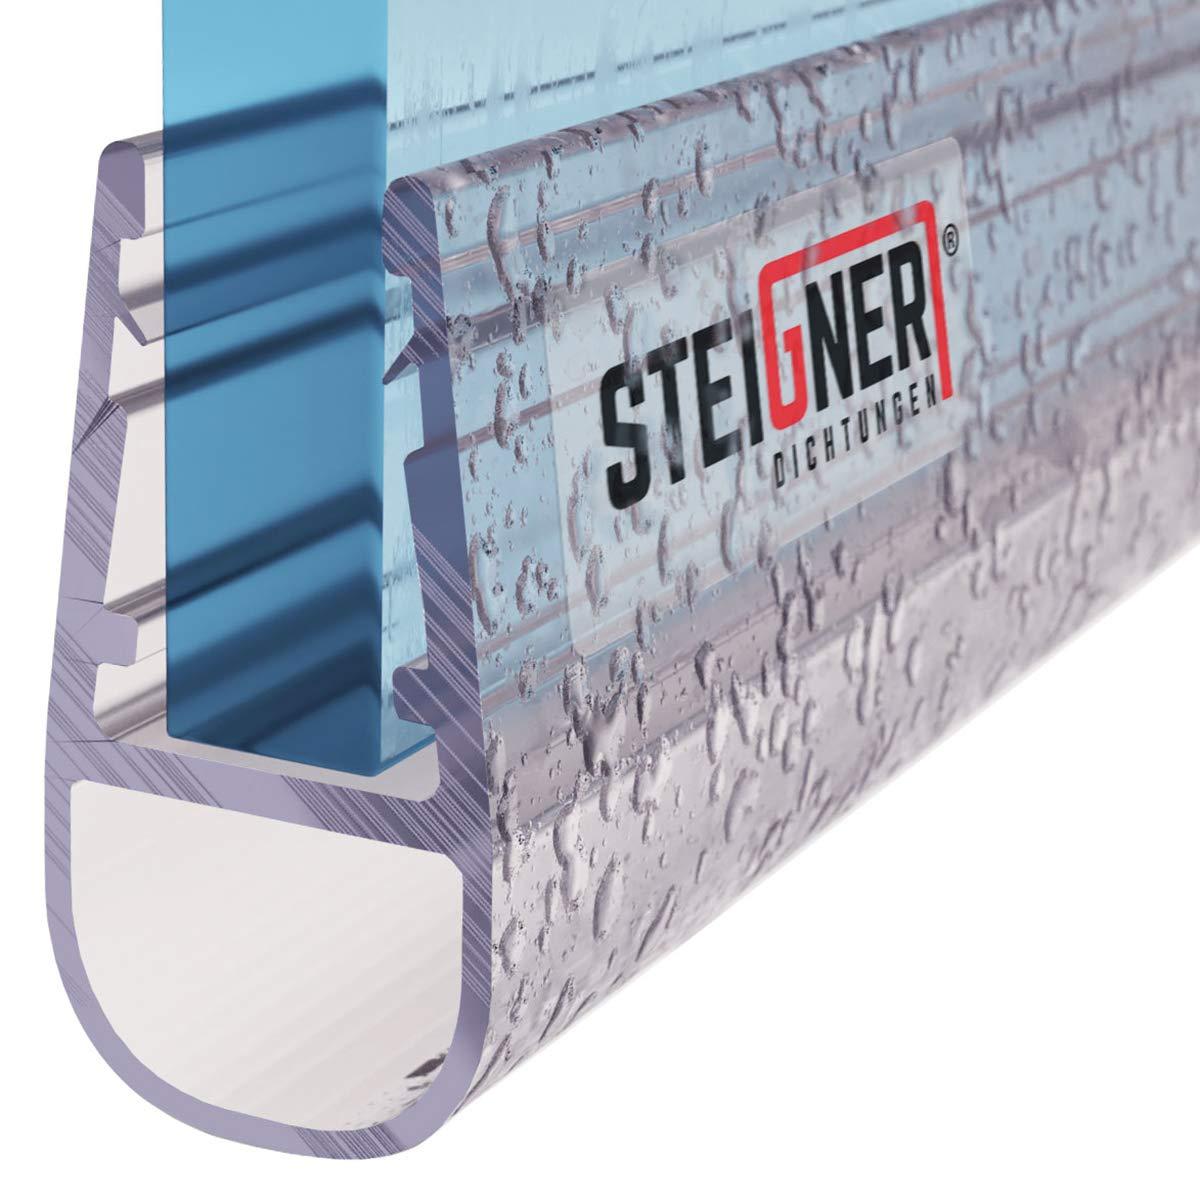 Steigner UK06 - Junta de repuesto de 190 cm para vidrio de grosor 3,5 mm / 4 mm / 5 mm, protección para mampara de ducha o bañera: Amazon.es: Bricolaje y herramientas